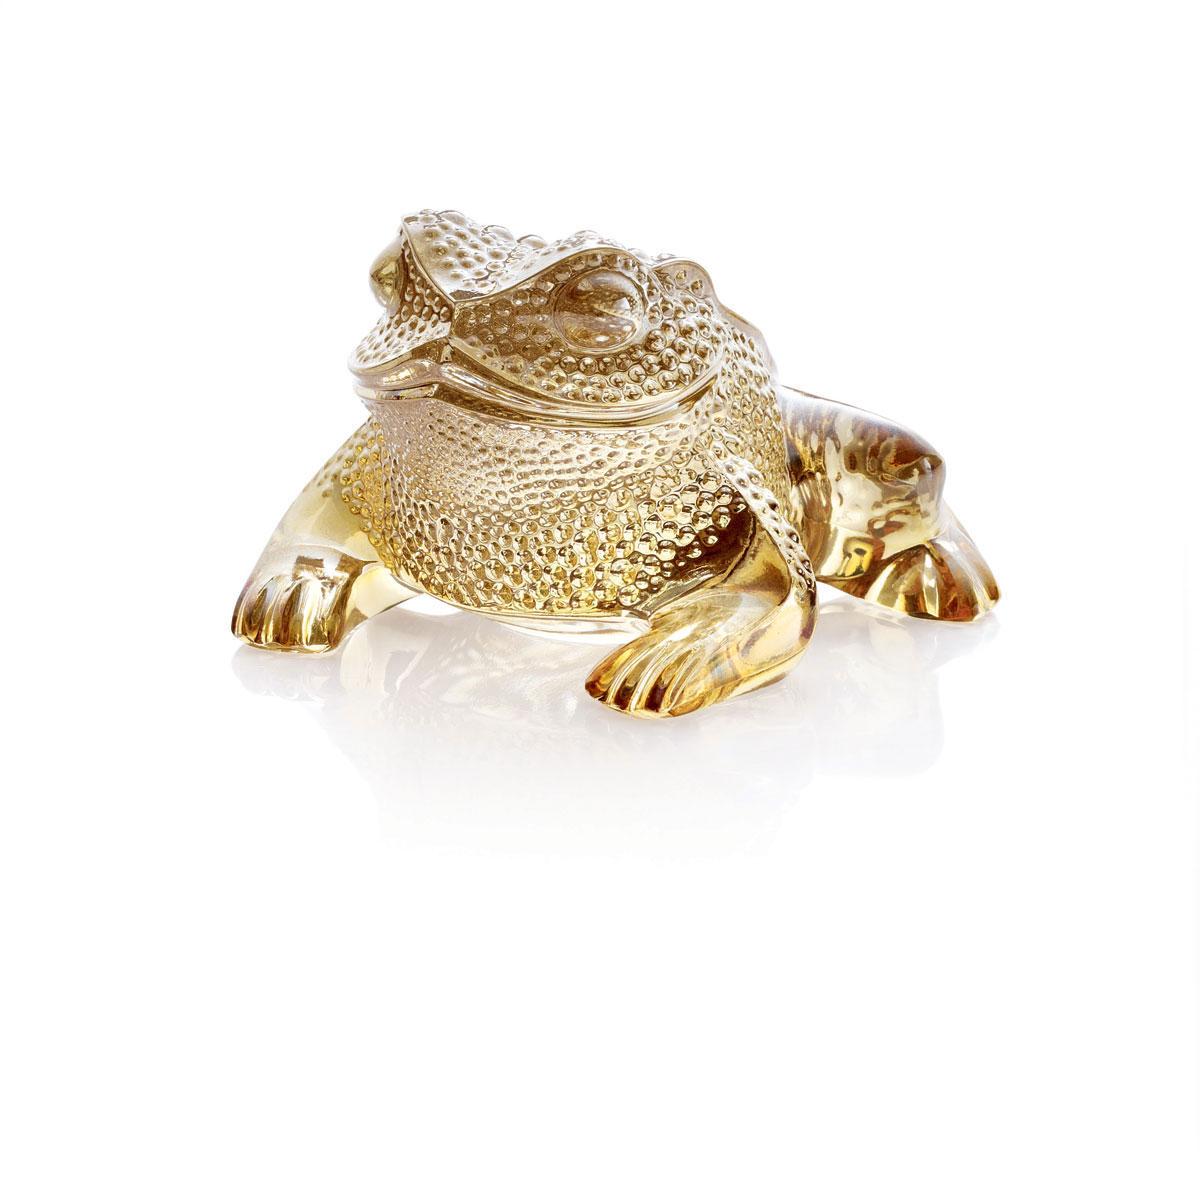 Lalique Crystal, Gregoire Frog Sculpture, Gold Lustre